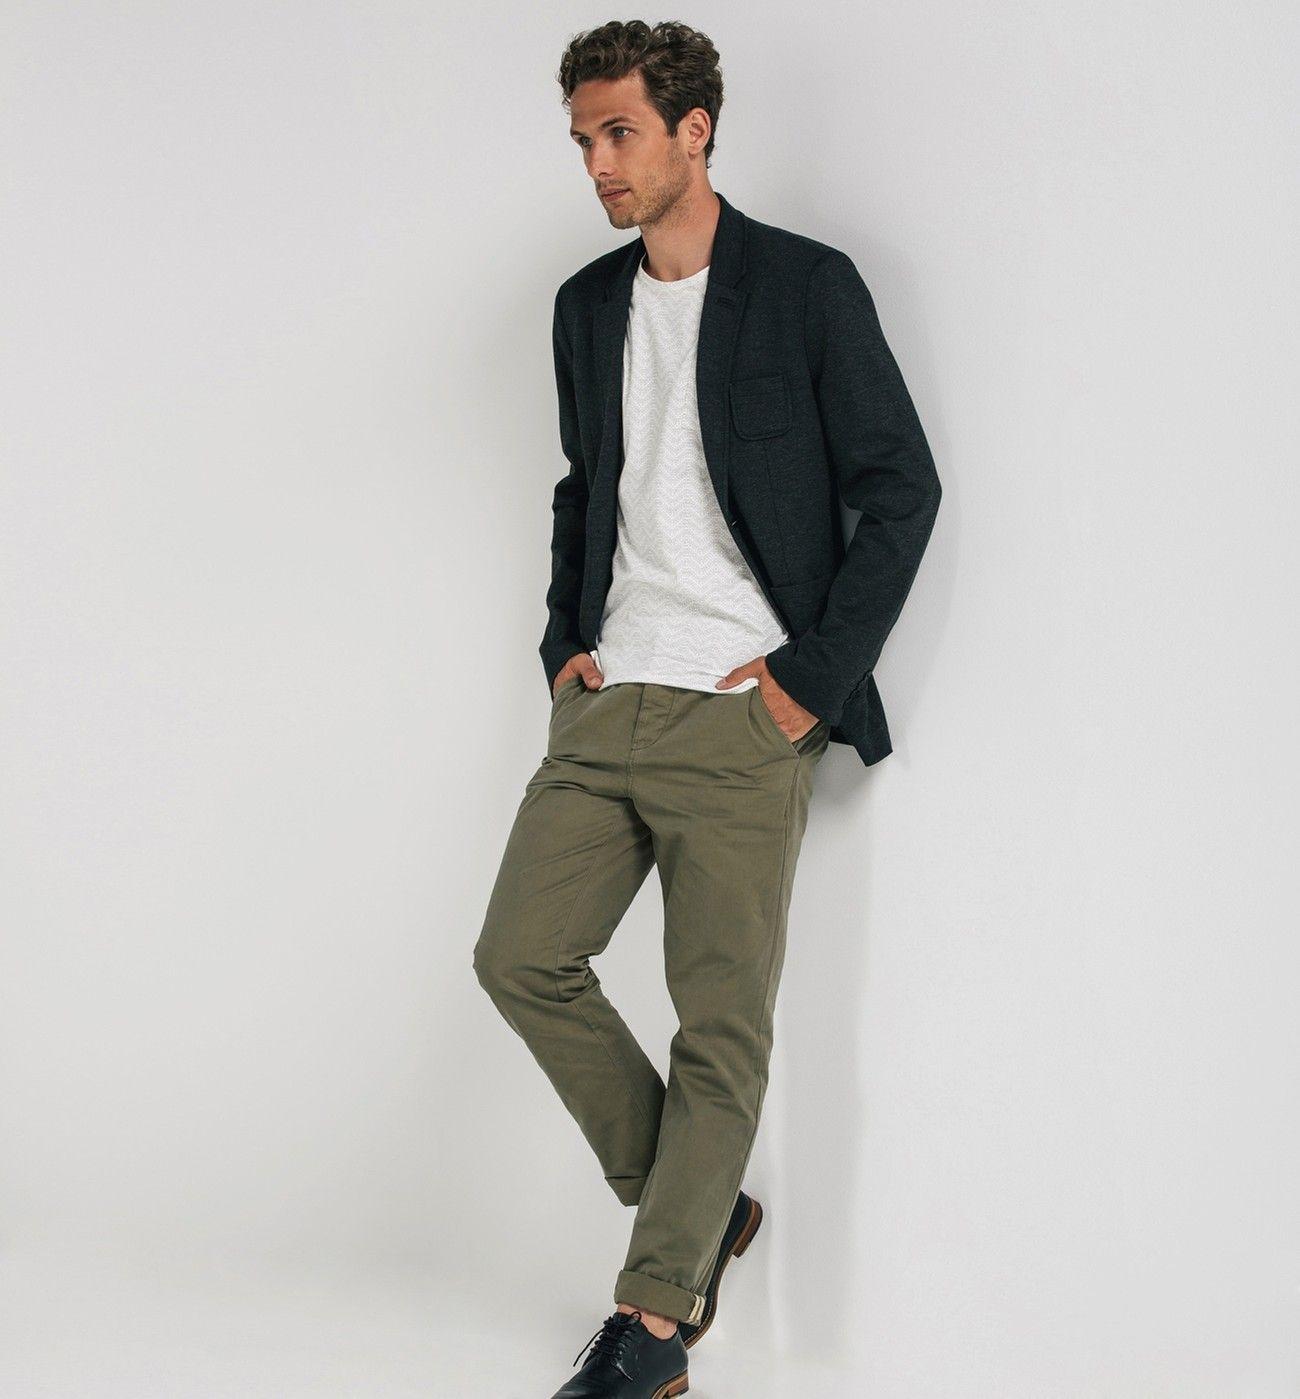 Las Mejores 8 Ideas De Pantalon Verde Hombre Pantalon Verde Hombre Ropa De Hombre Moda Hombre